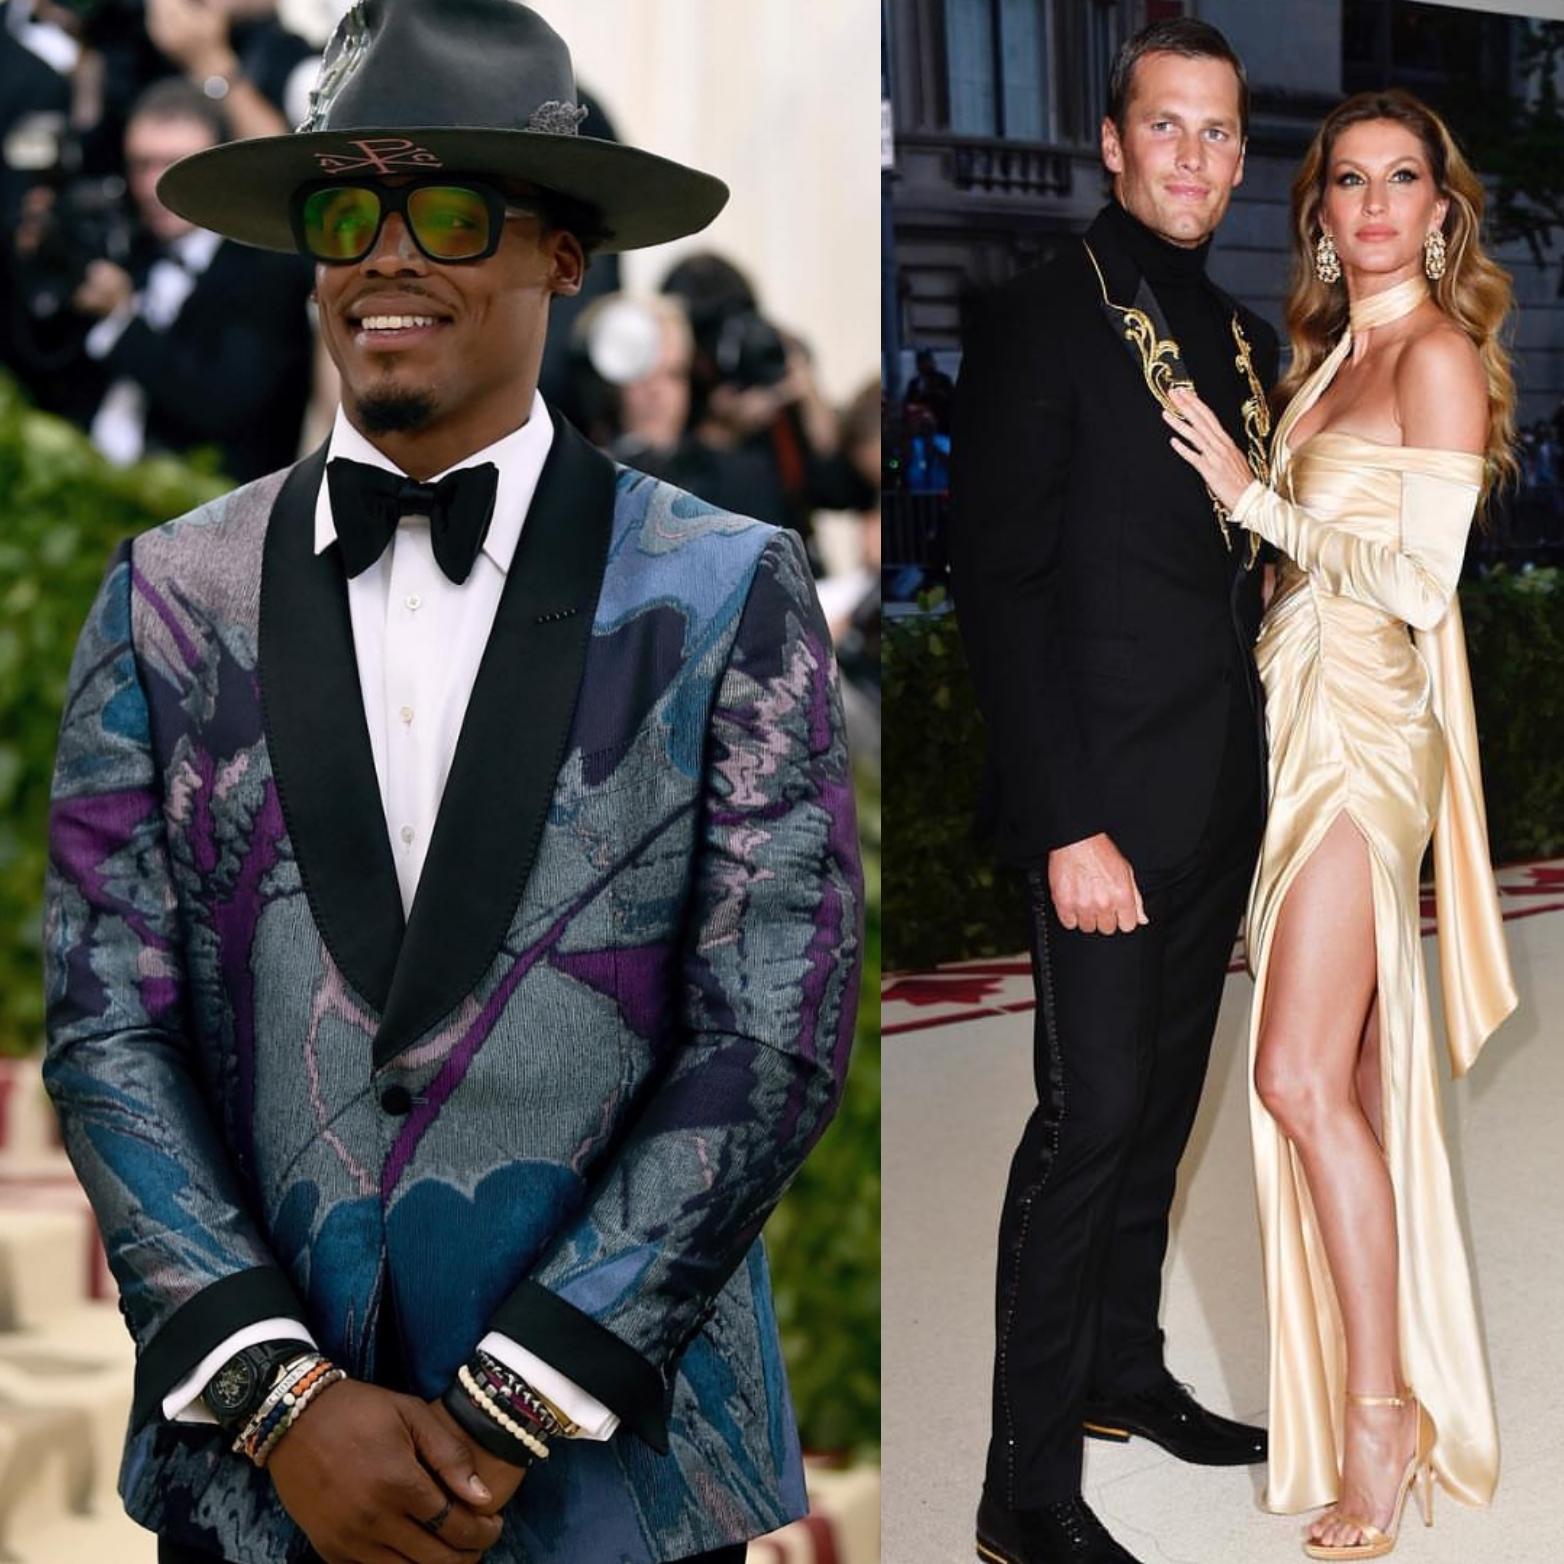 Met Gala 2018: NFL QB's Cam Newton & Tom Brady Dressed To Impress